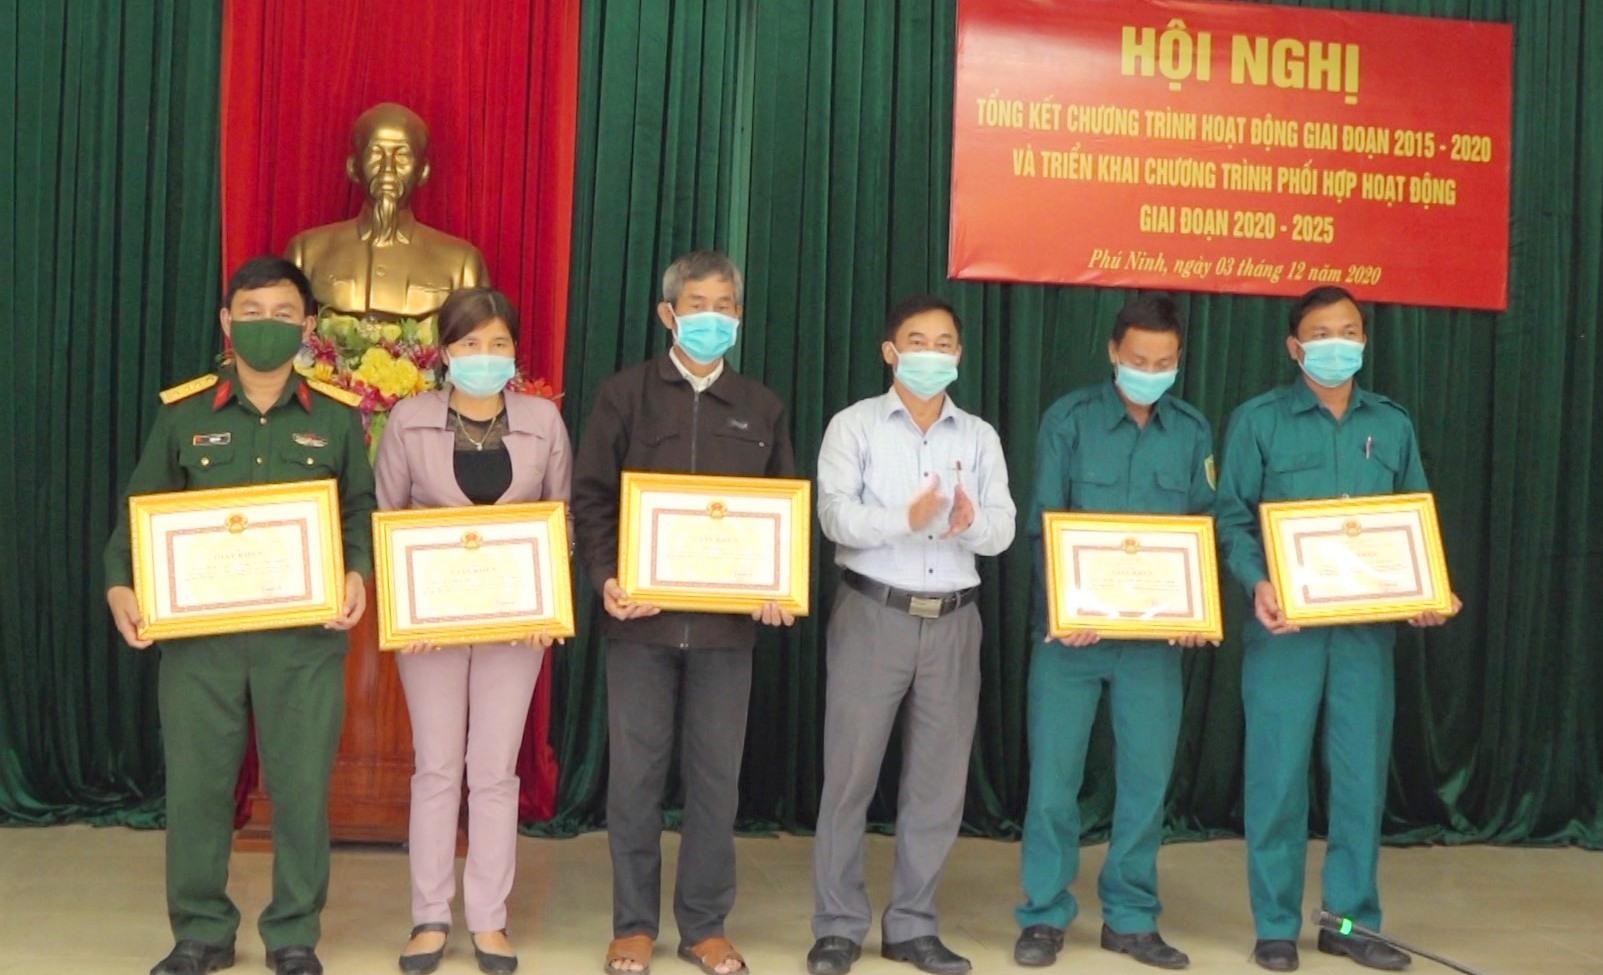 Phú Ninh khen thưởng 5 tập thể có thành tích trong hoạt động phối hợp giữa Ban Chỉ huy Quân sự (CHQS) với các tổ chức chính trị - xã hội (CT-XH) huyện. Ảnh: H.C